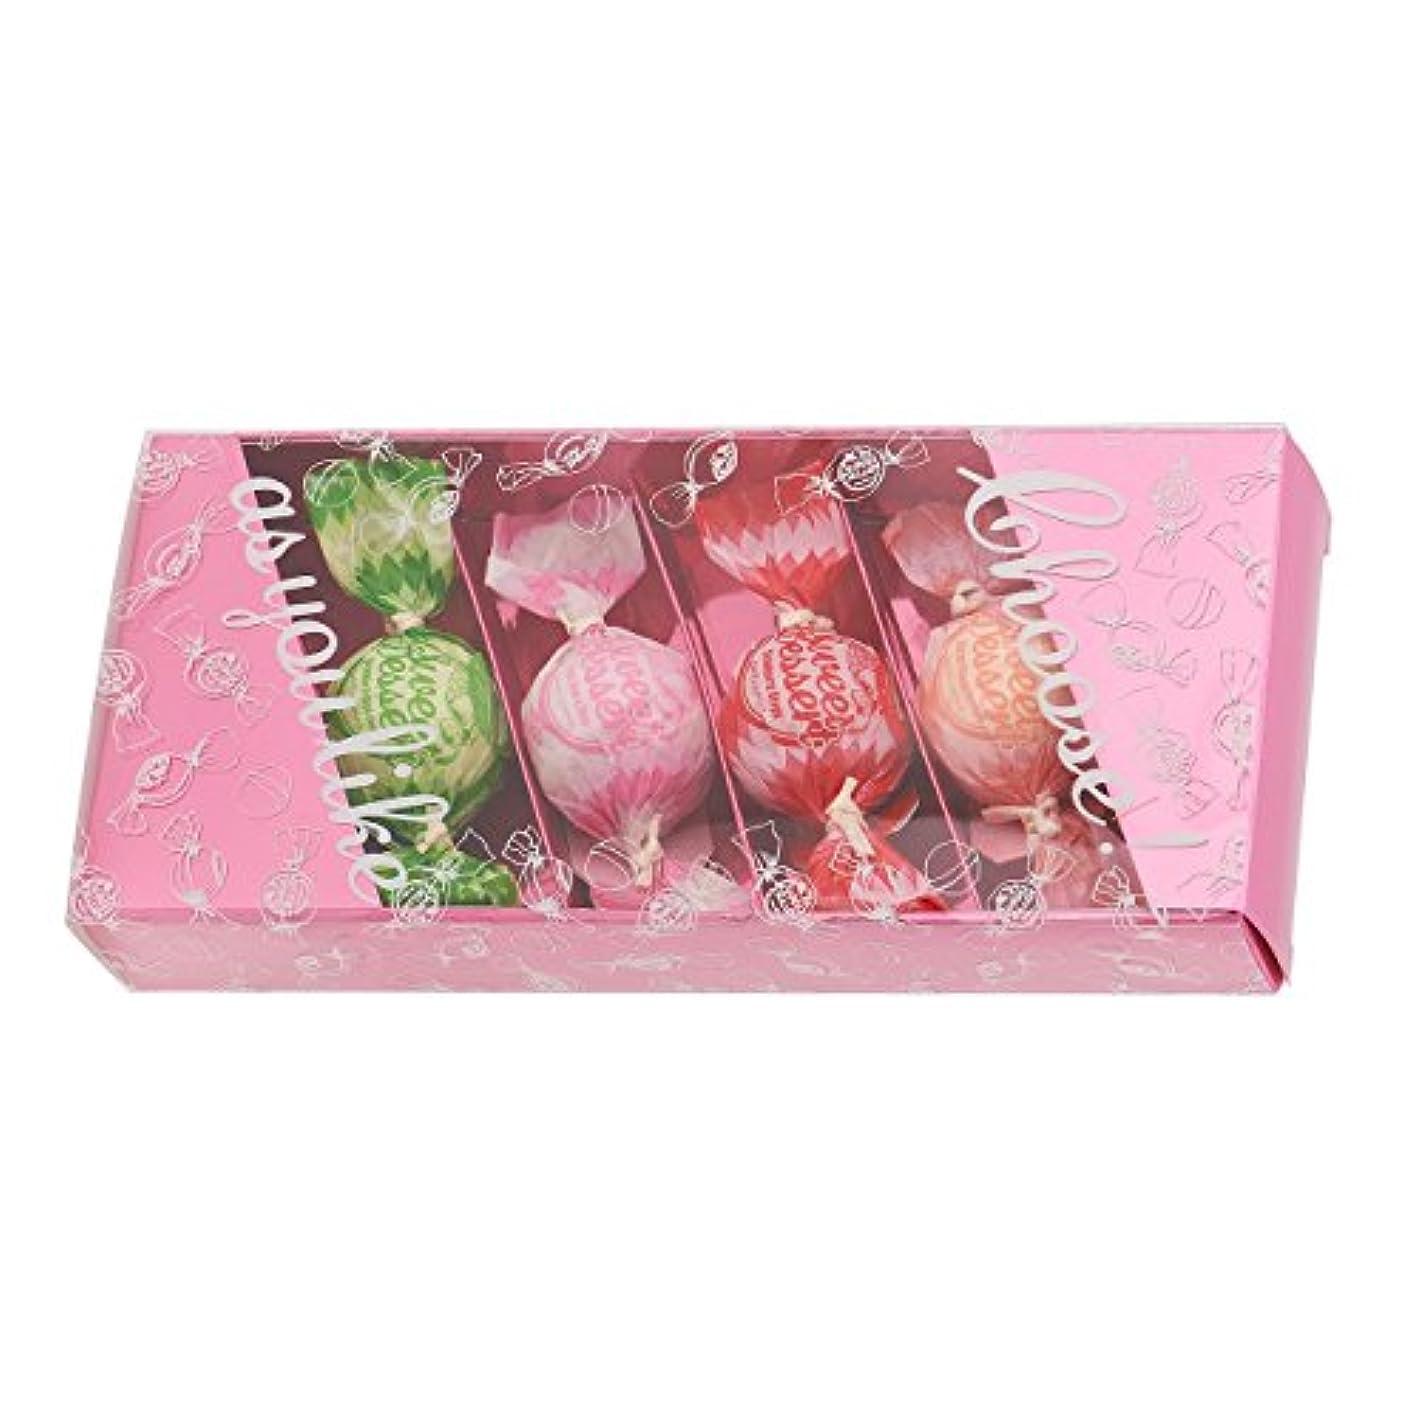 構造申し立てお客様アマイワナ バスキャンディー4粒ギフトセット(35g×4個) ピンク(発泡タイプ入浴料 バスギフト)